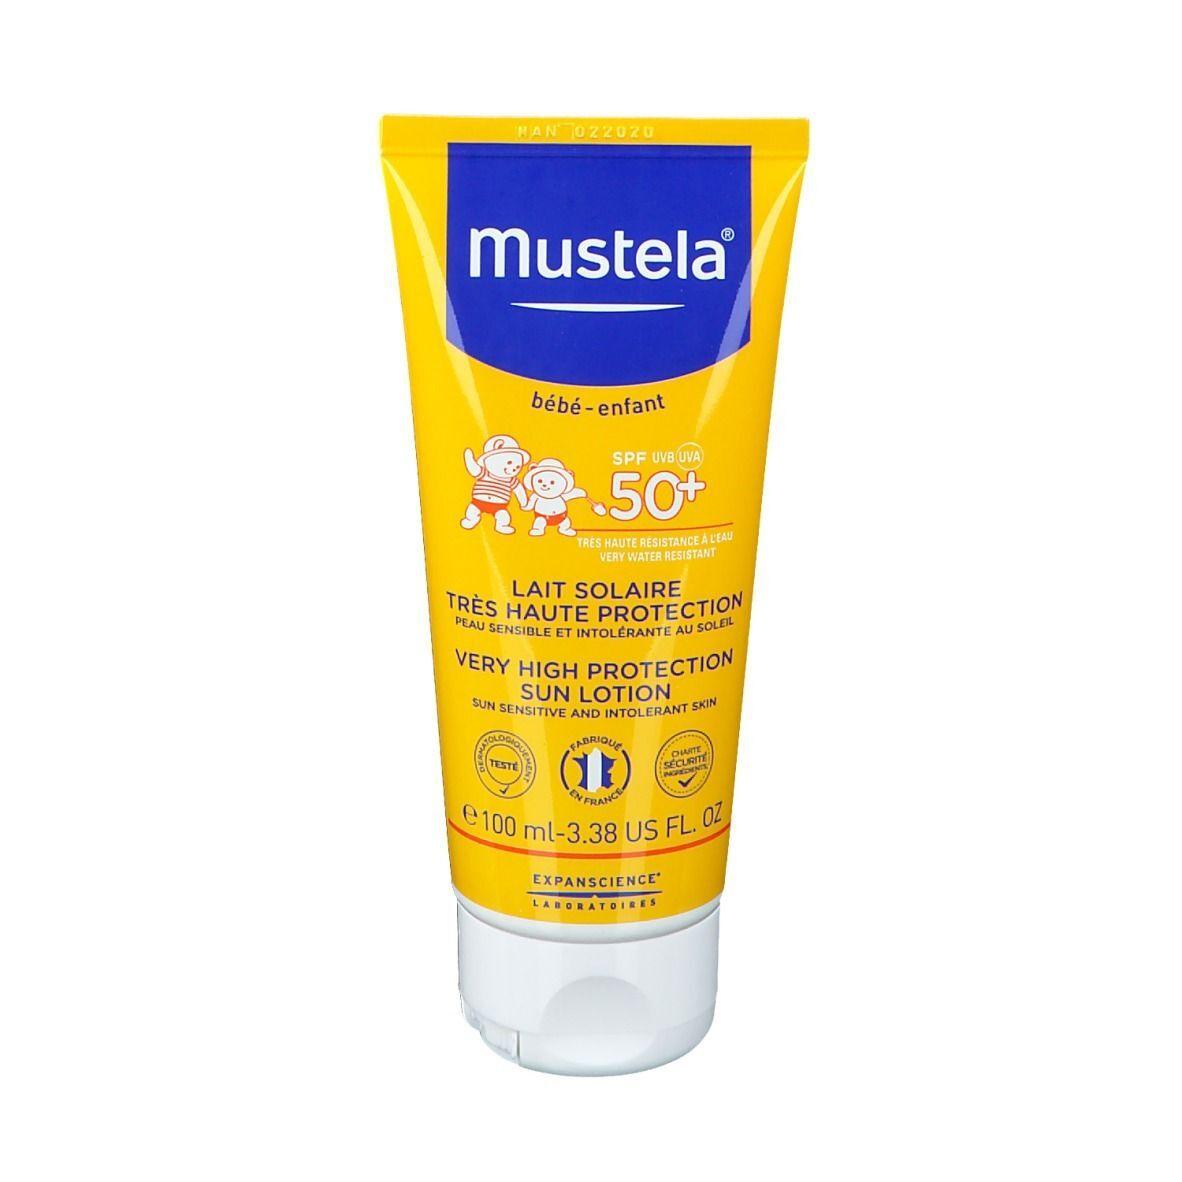 Mustela® Bébé Lait solaire SPF50+ ml lait